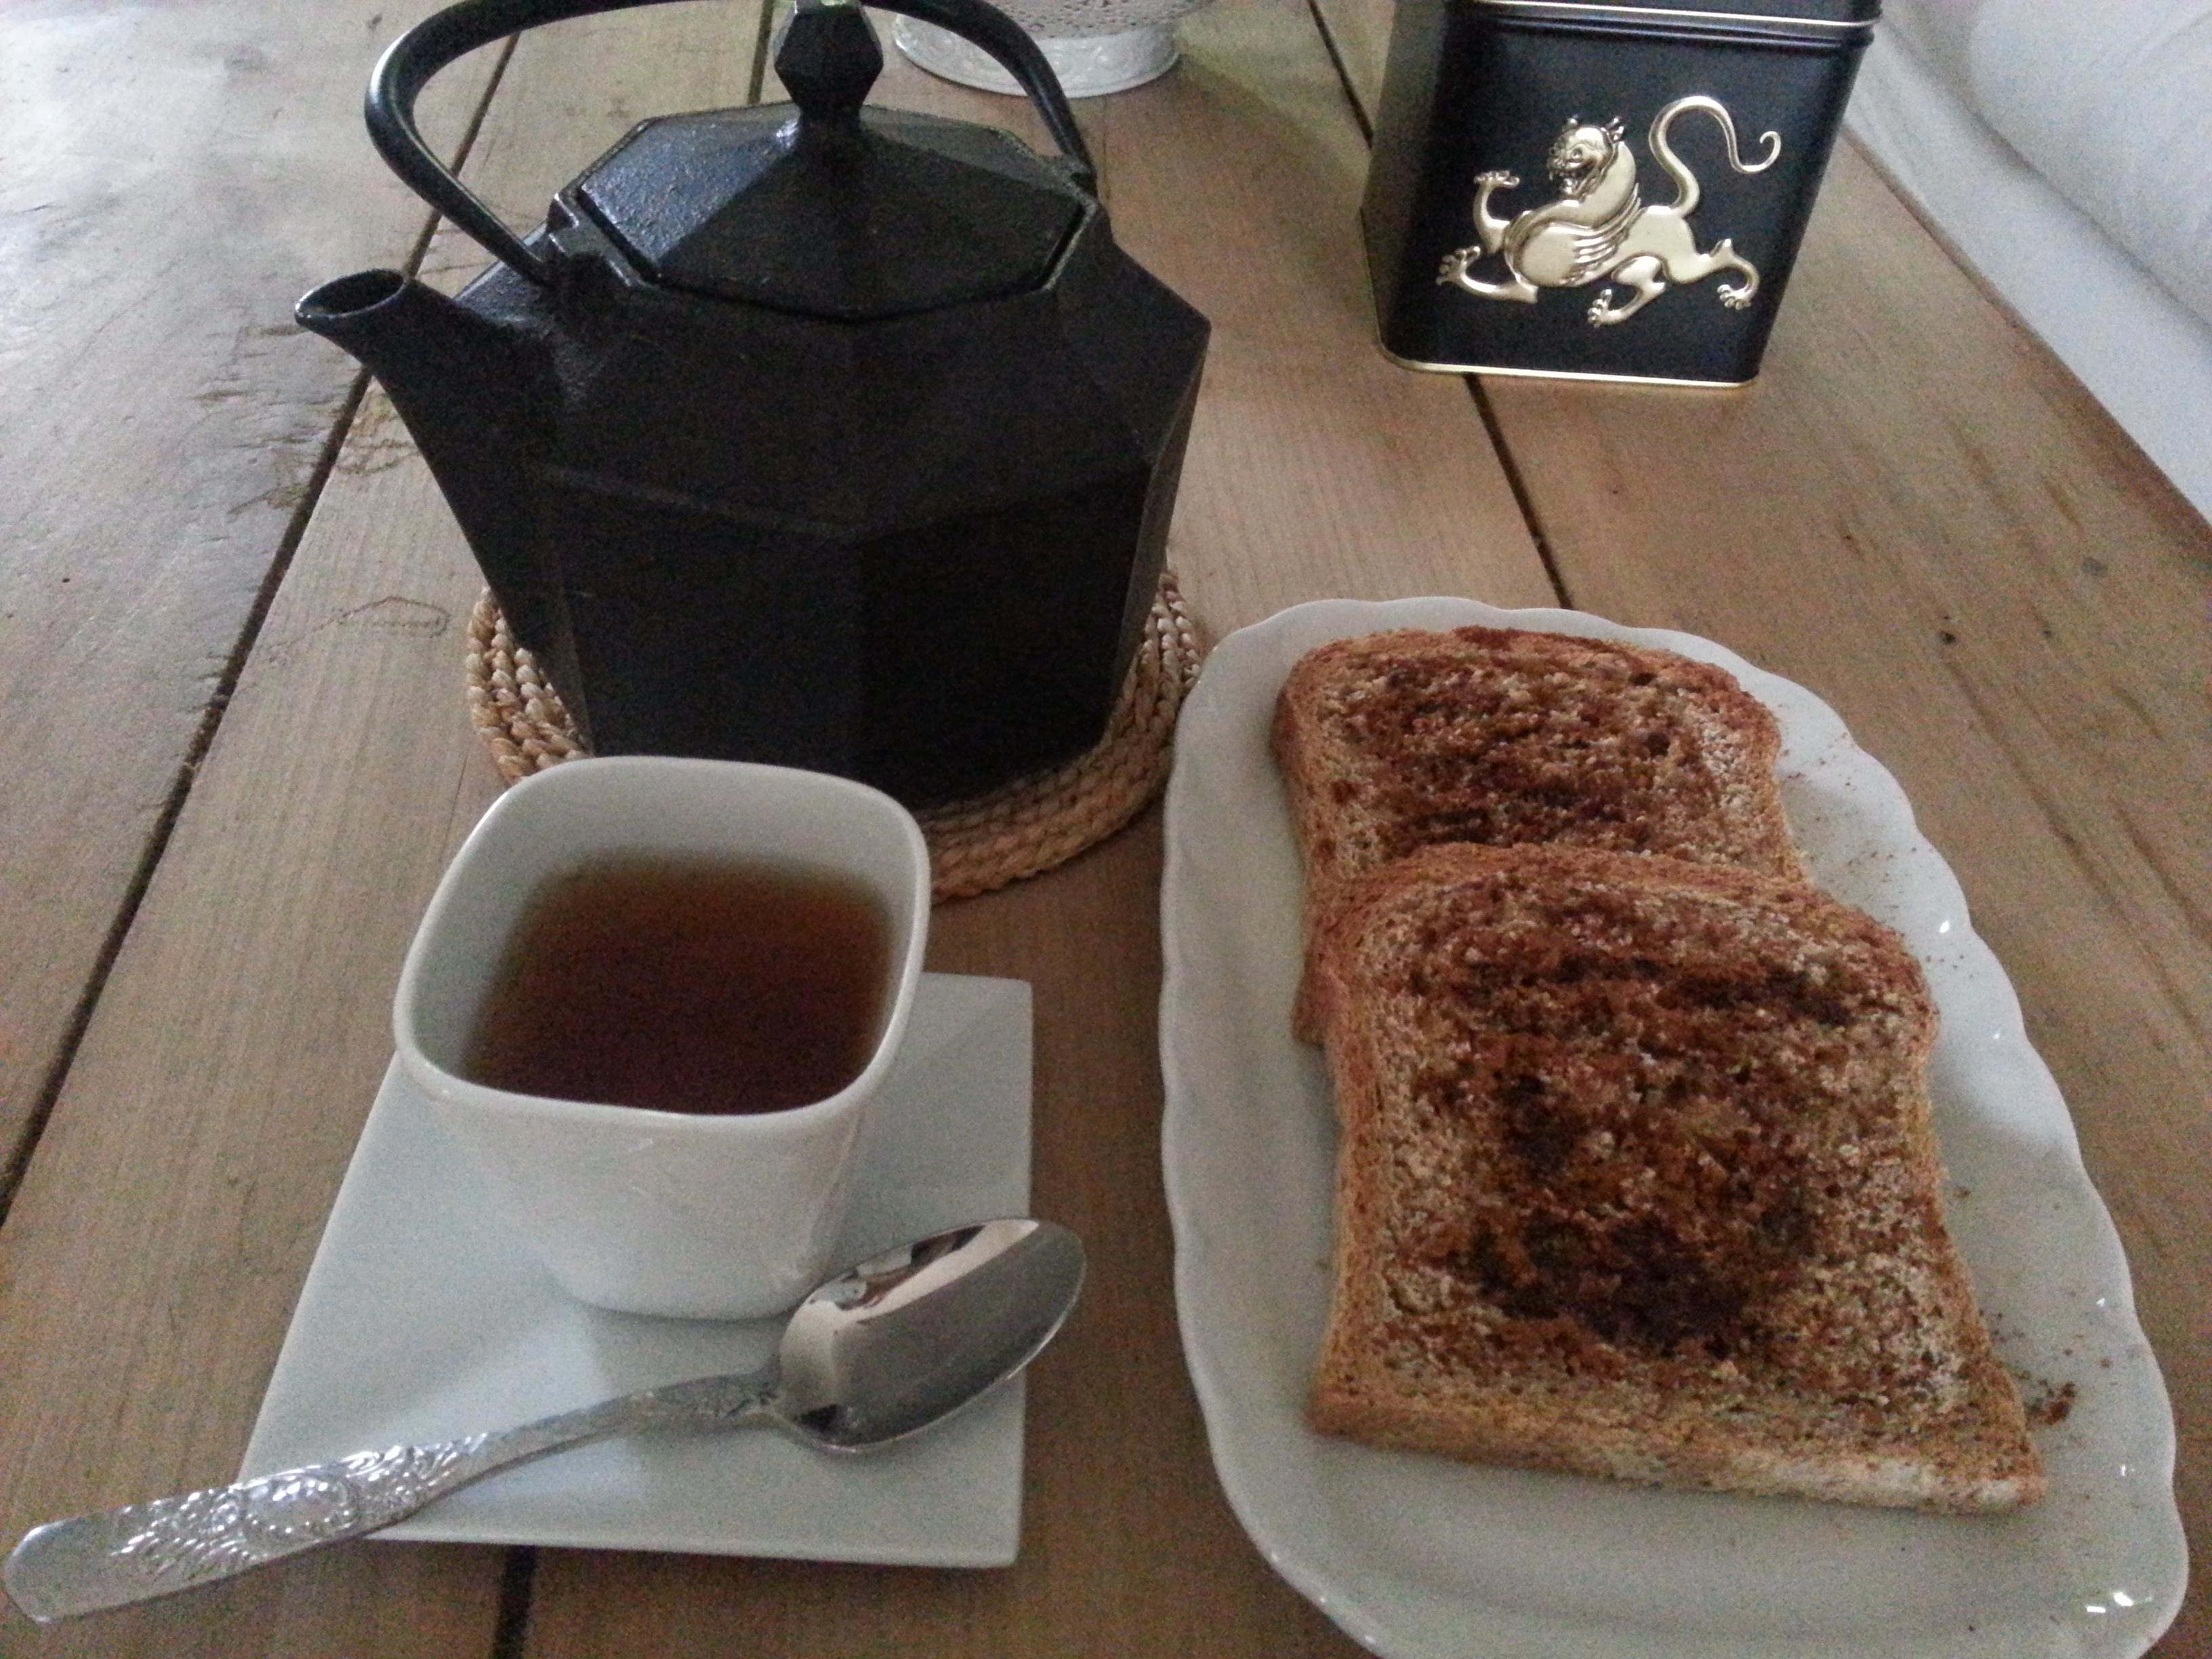 Té bancha con pan de trigo candeal untado con aceite de oliva, tamari y canela